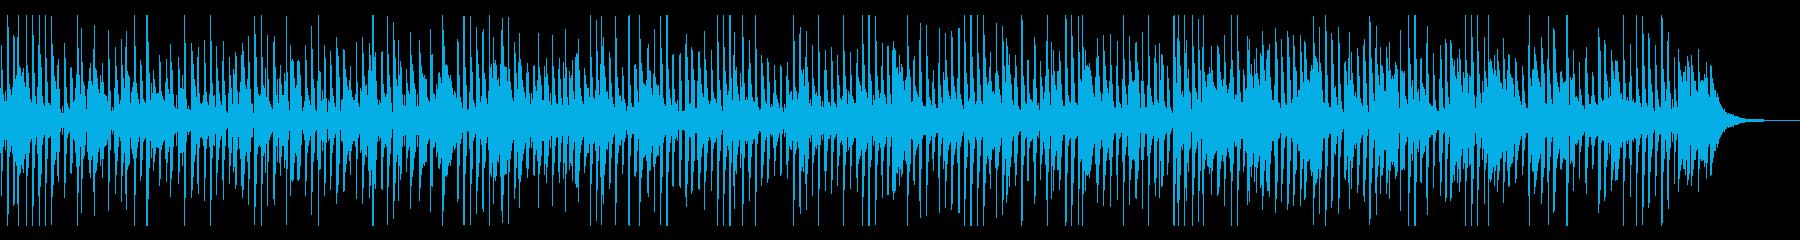 プロ生演奏・陽気なピアノデキシージャズの再生済みの波形